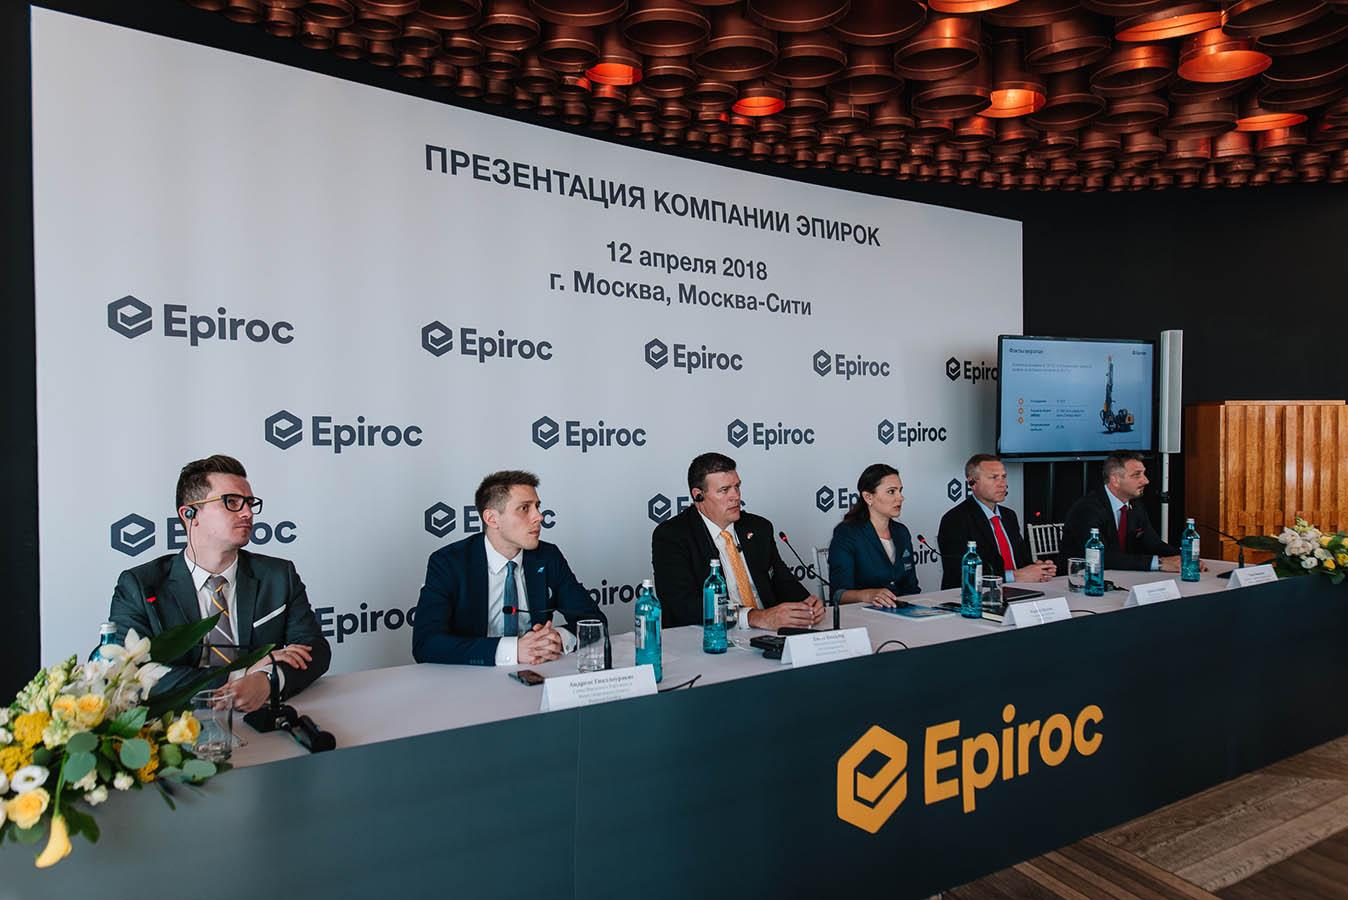 Пресс-конференция Epiroc